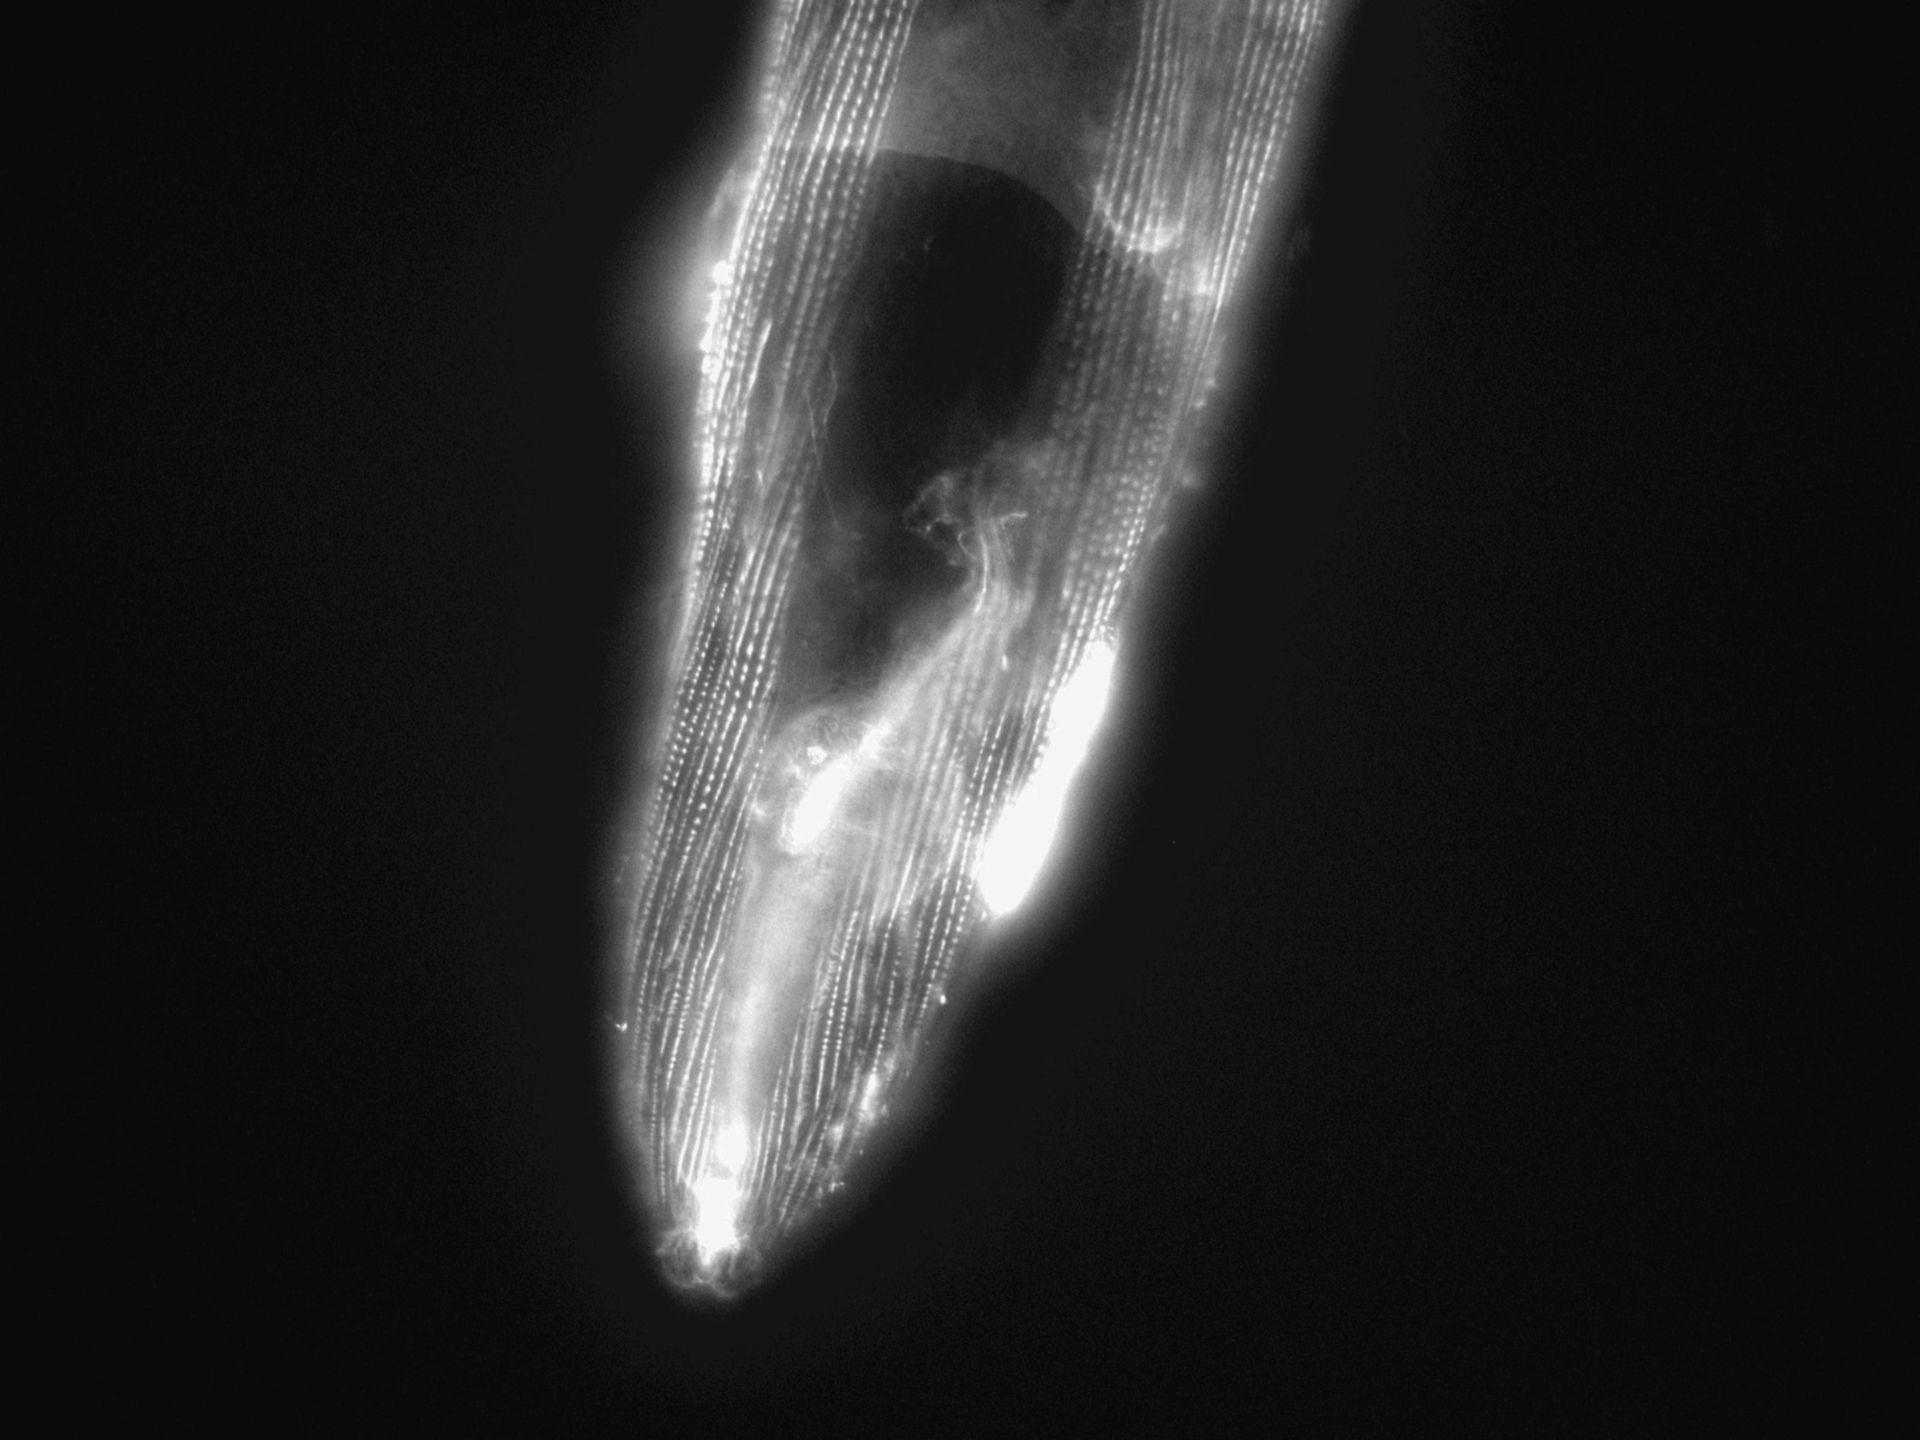 Caenorhabditis elegans (filamento di actina) - CIL:1186